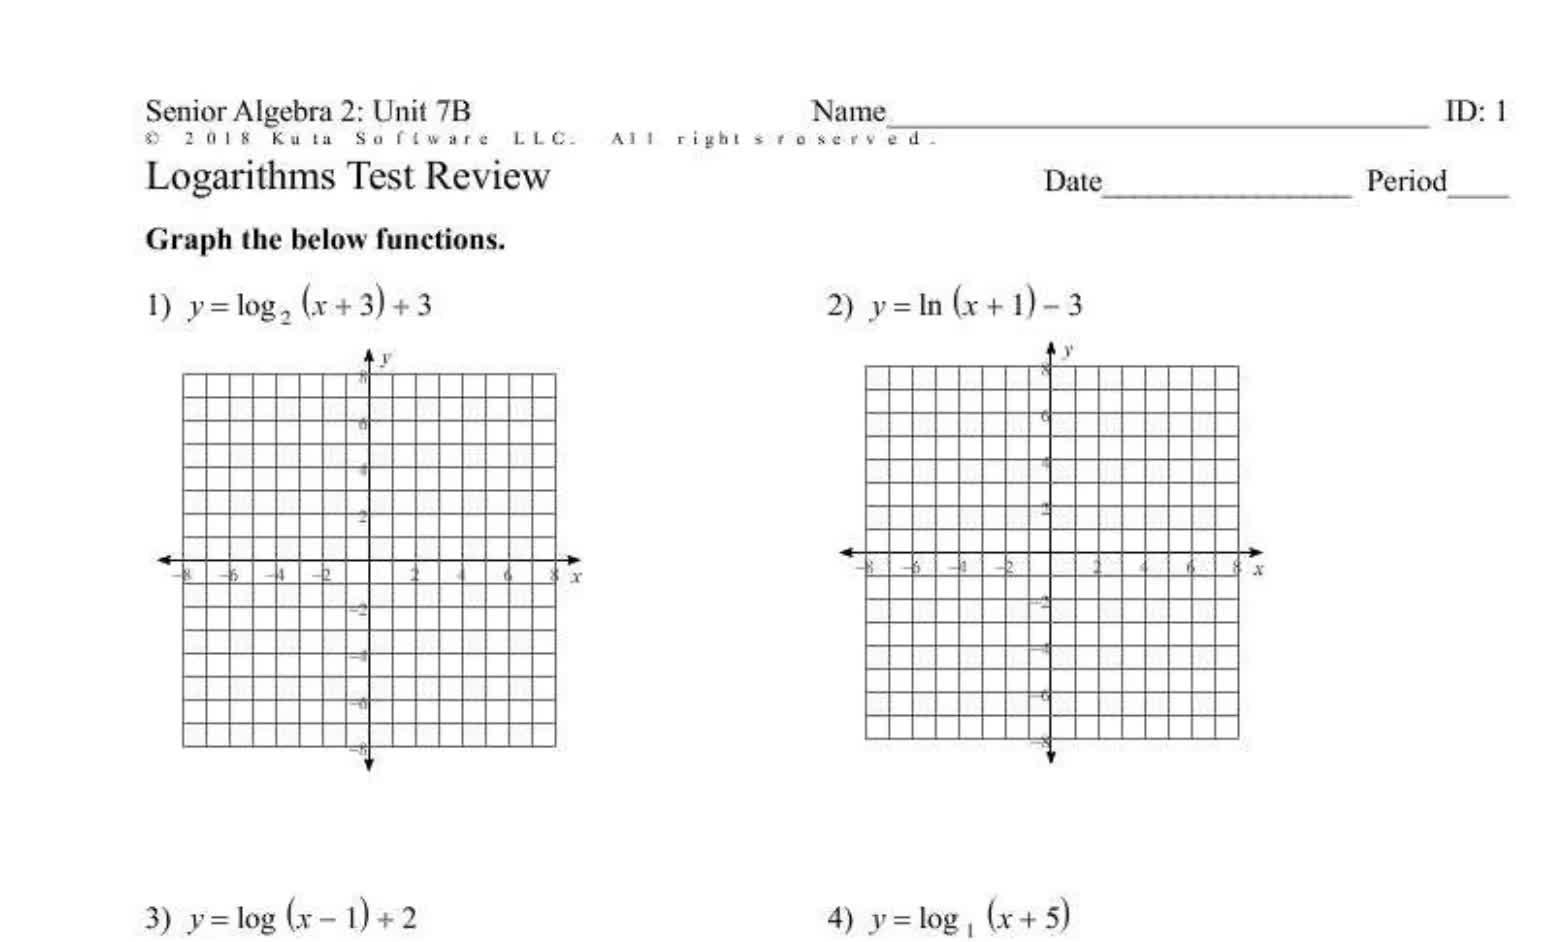 Unit 7B Test Review (Seniors)